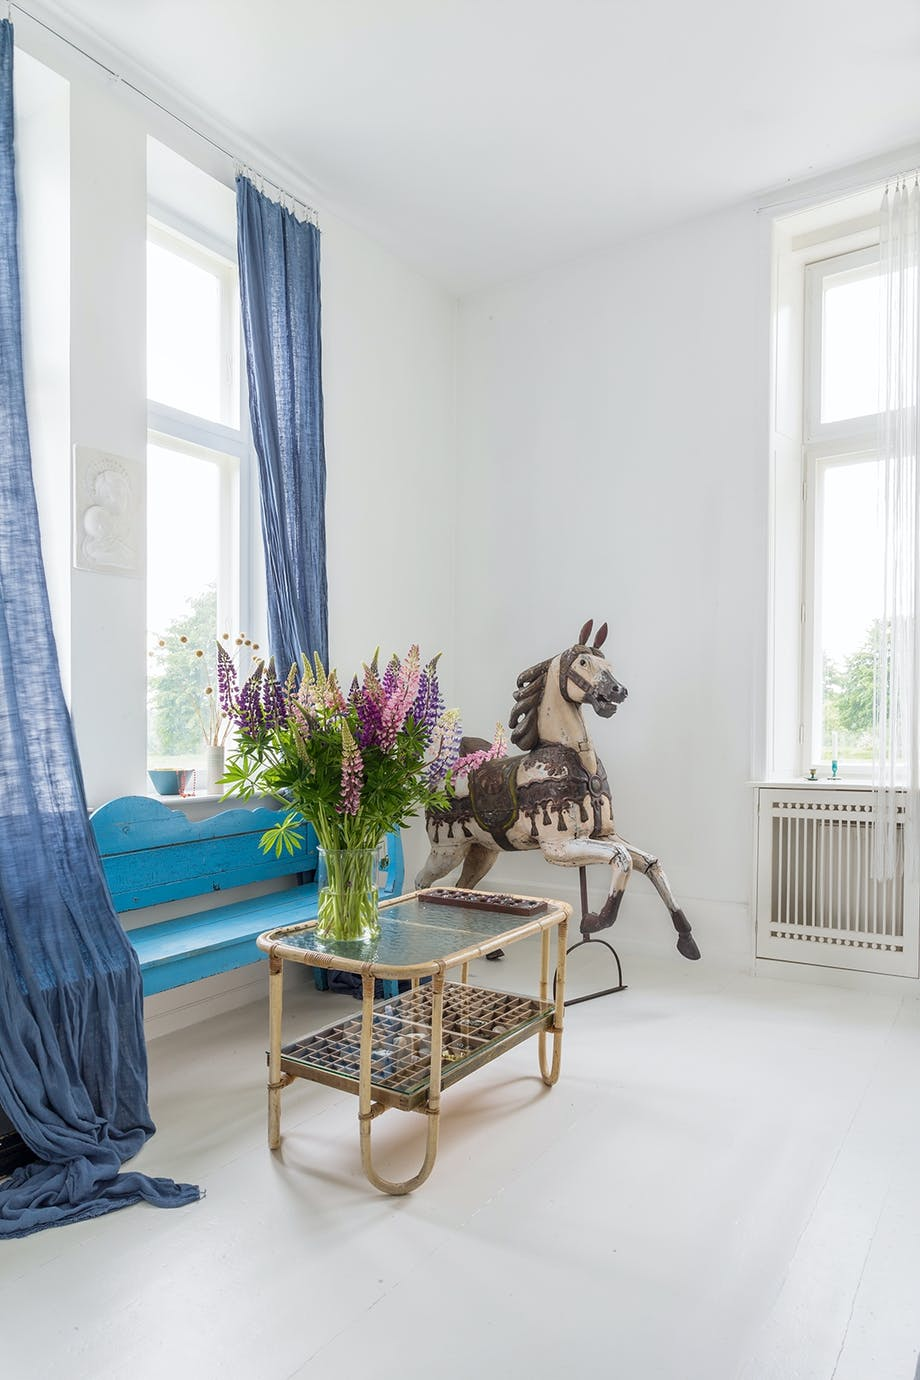 Stue lange gardiner loppefund bambus sofabord træbænk